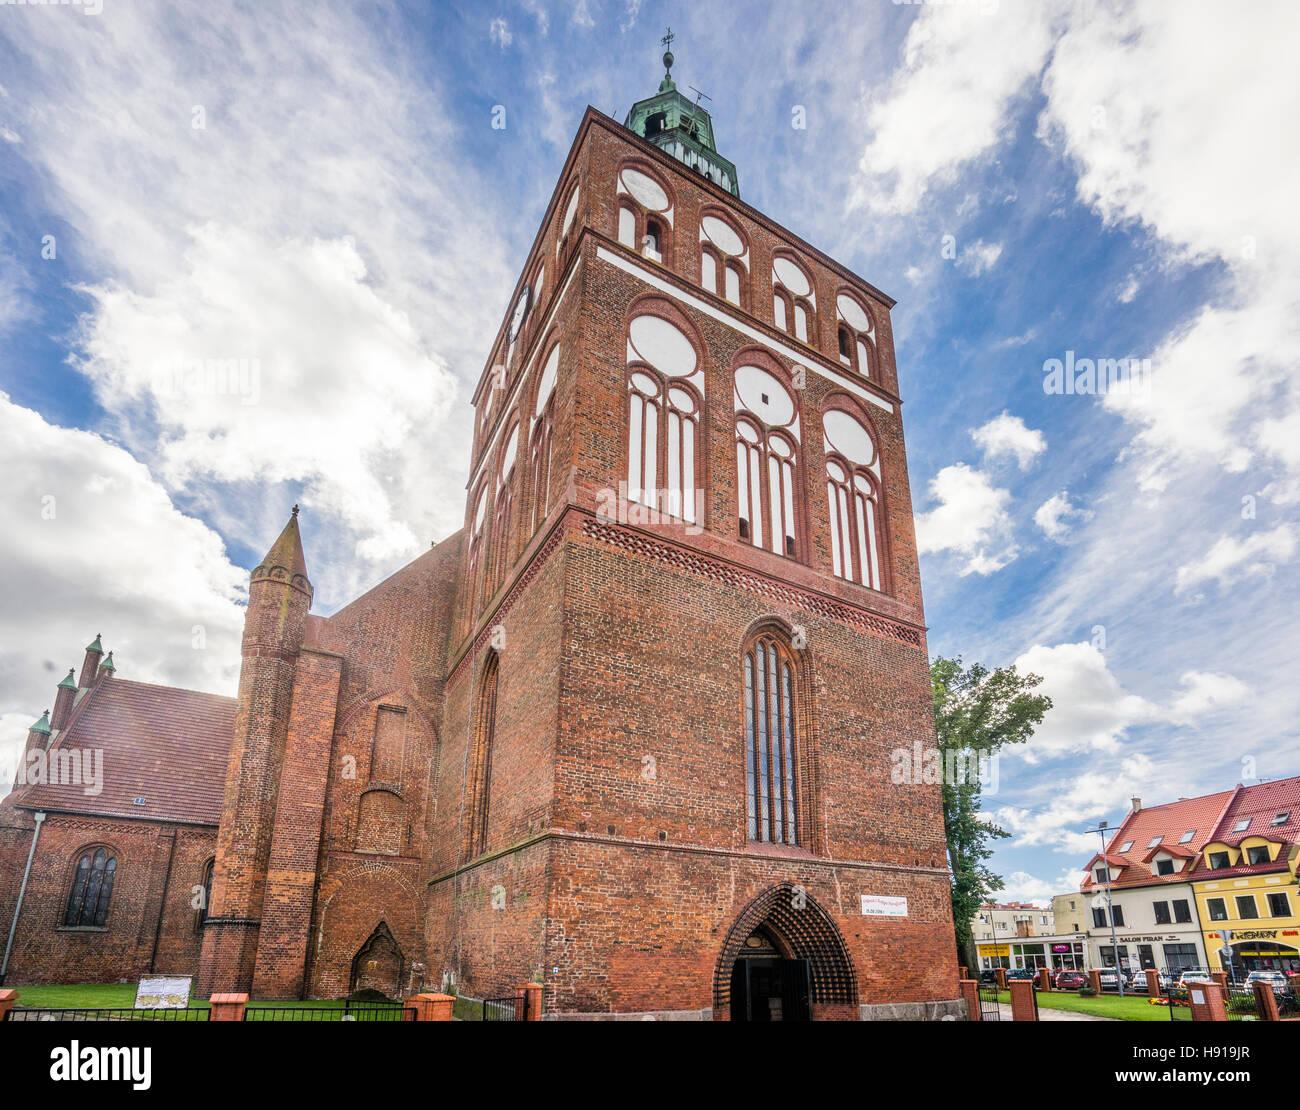 Polen, Westpommern, Gryfice (Greifenberg), Ziegel-gotische St. Maria Himmelfahrt-Kirche Stockbild